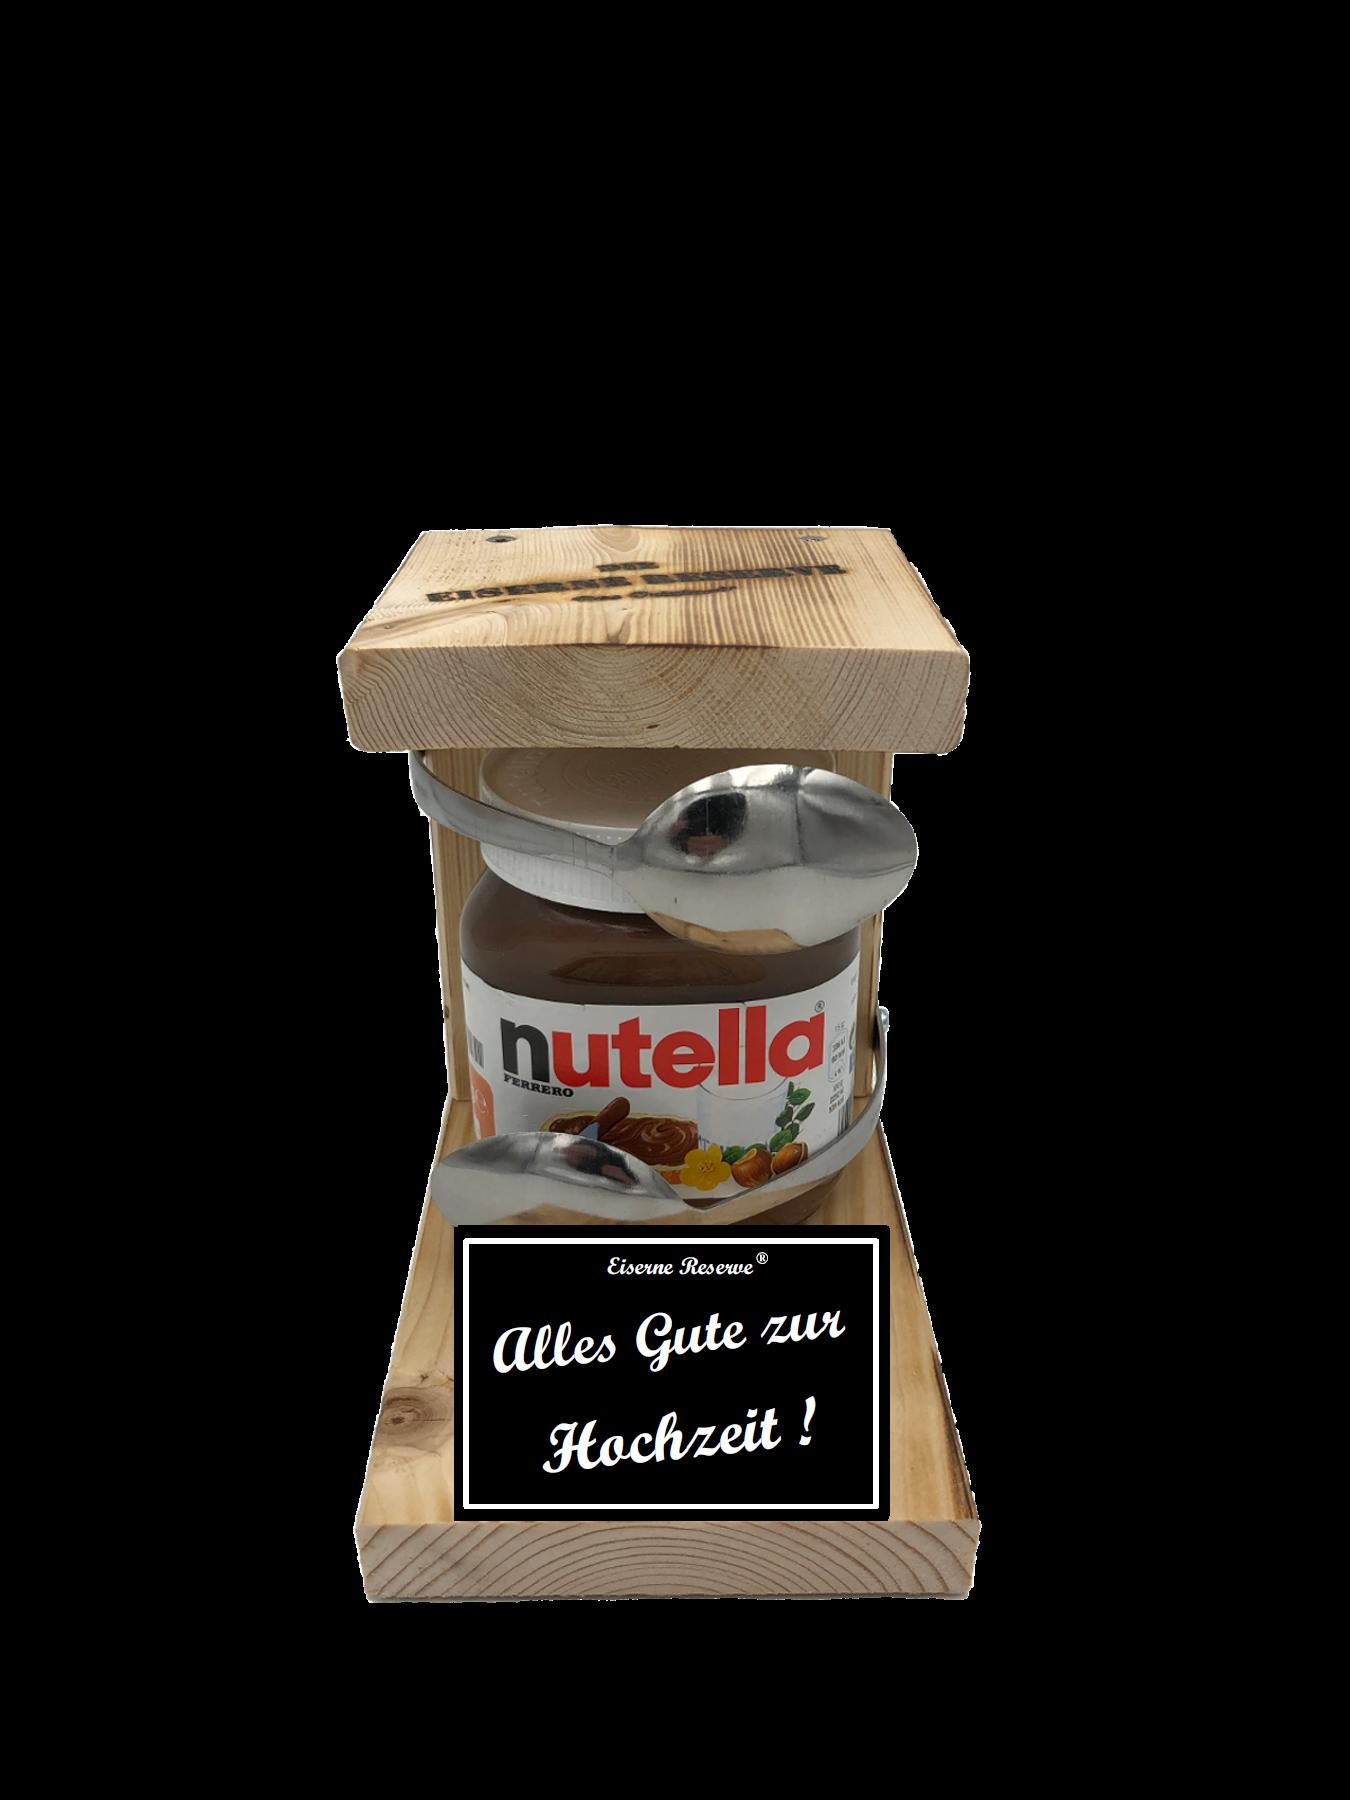 Alles Gute zur Hochzeit Löffel Nutella Geschenk - Die Nutella Geschenkidee